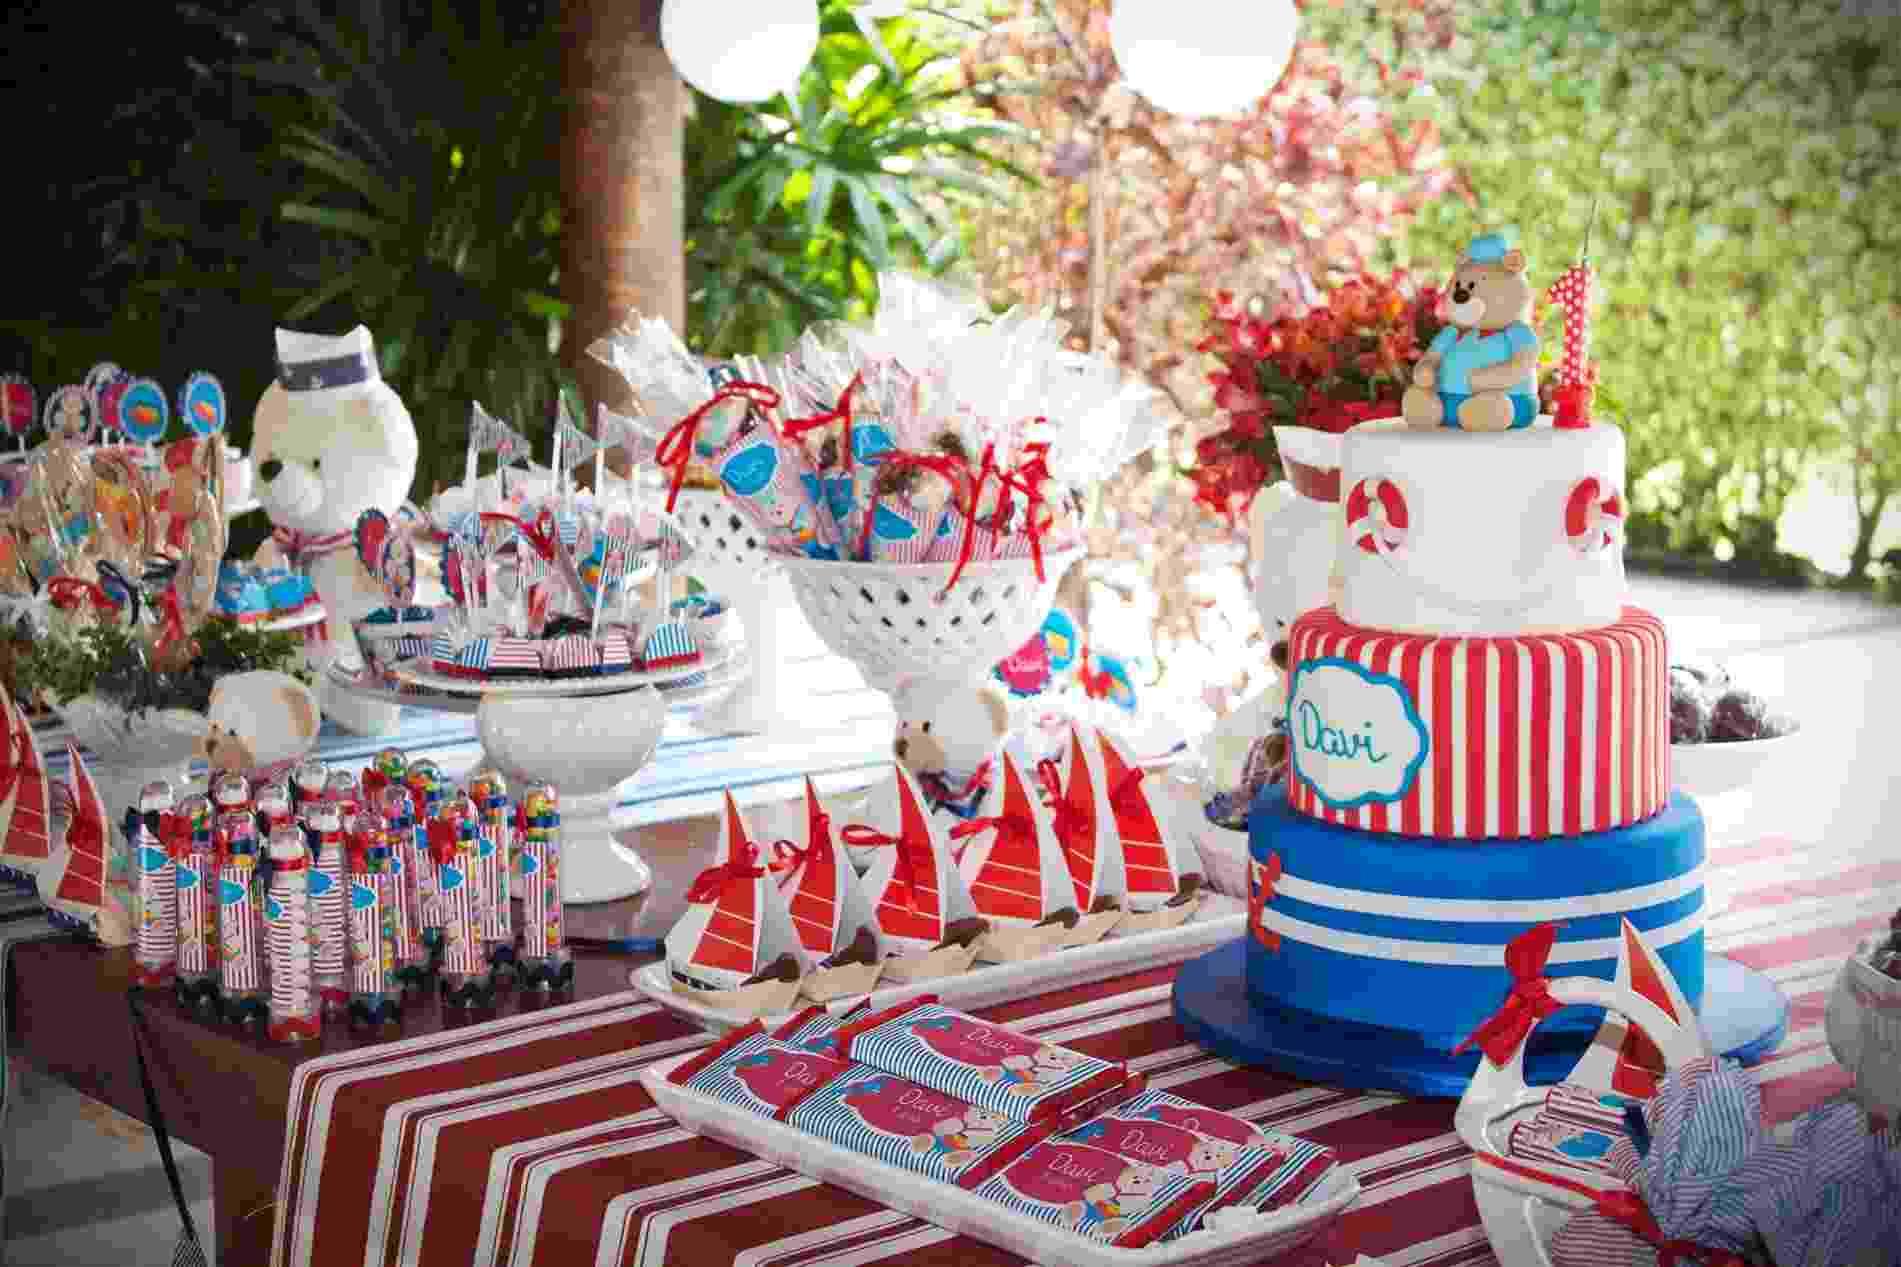 A decoração da festa com tema ursinho marinheiro é baseada nas cores vermelho, branco e azul. Arte e papelaria personalizada assinadas pela Design Festeiro (www.designfesteiro.com.br); decoração do Atelier Tati Be Tati (https://www.facebook.com/tatibetati.atelier); bolo feito por A Chocolarteira (achocolarteira.blogspot.com.br) - Lensitives/Divulgação